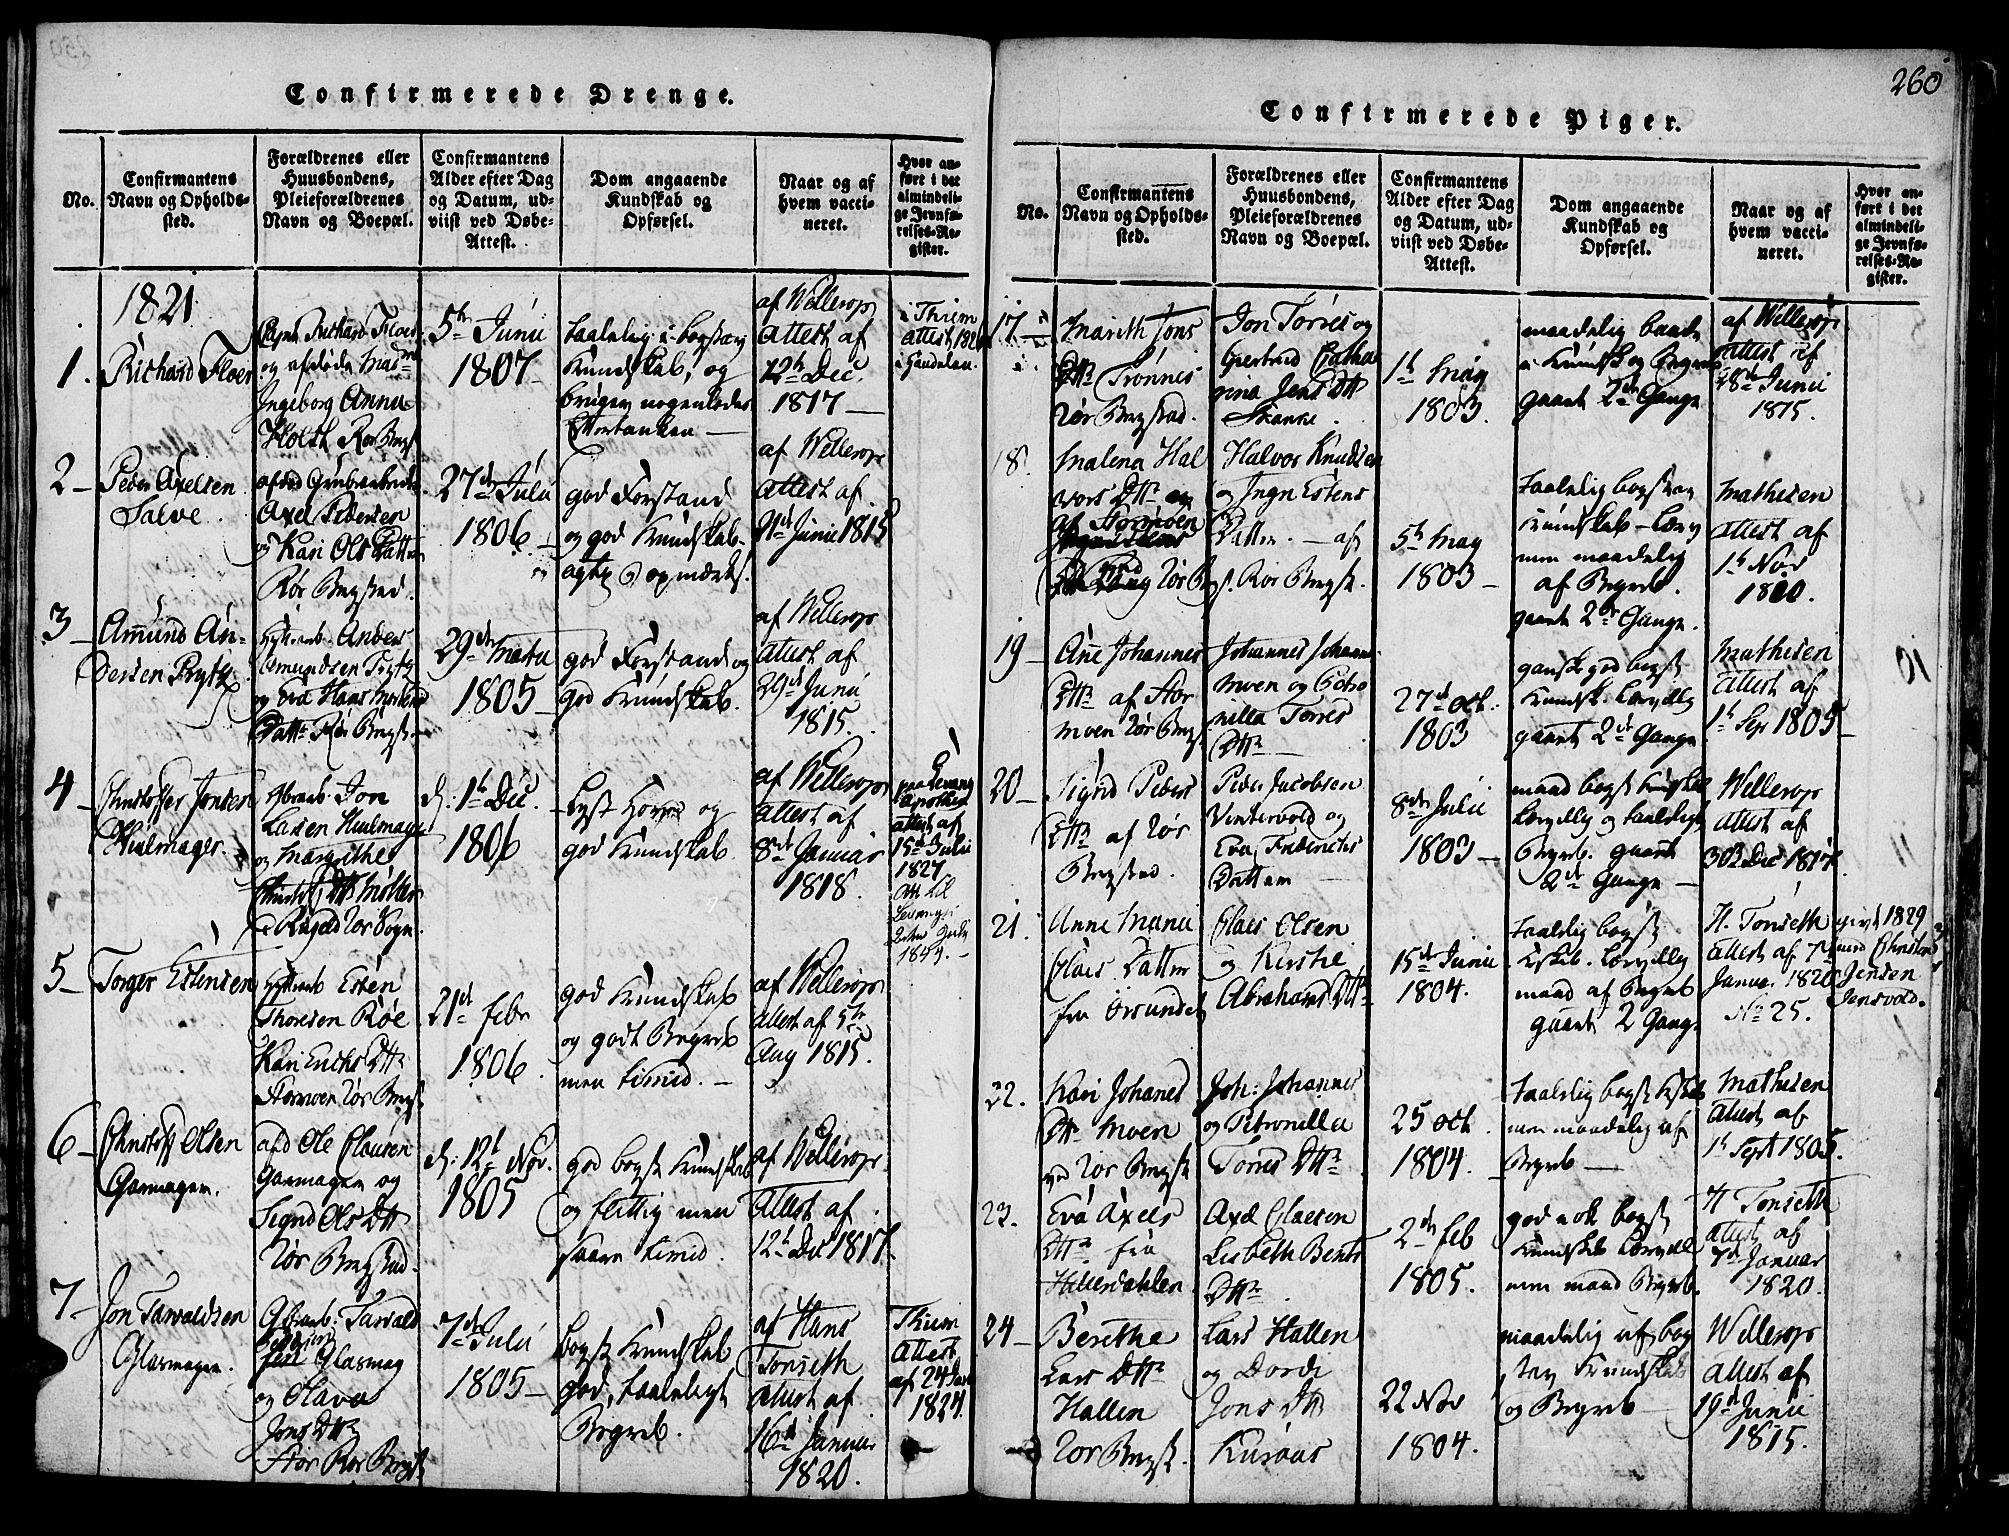 SAT, Ministerialprotokoller, klokkerbøker og fødselsregistre - Sør-Trøndelag, 681/L0929: Ministerialbok nr. 681A07, 1817-1828, s. 260